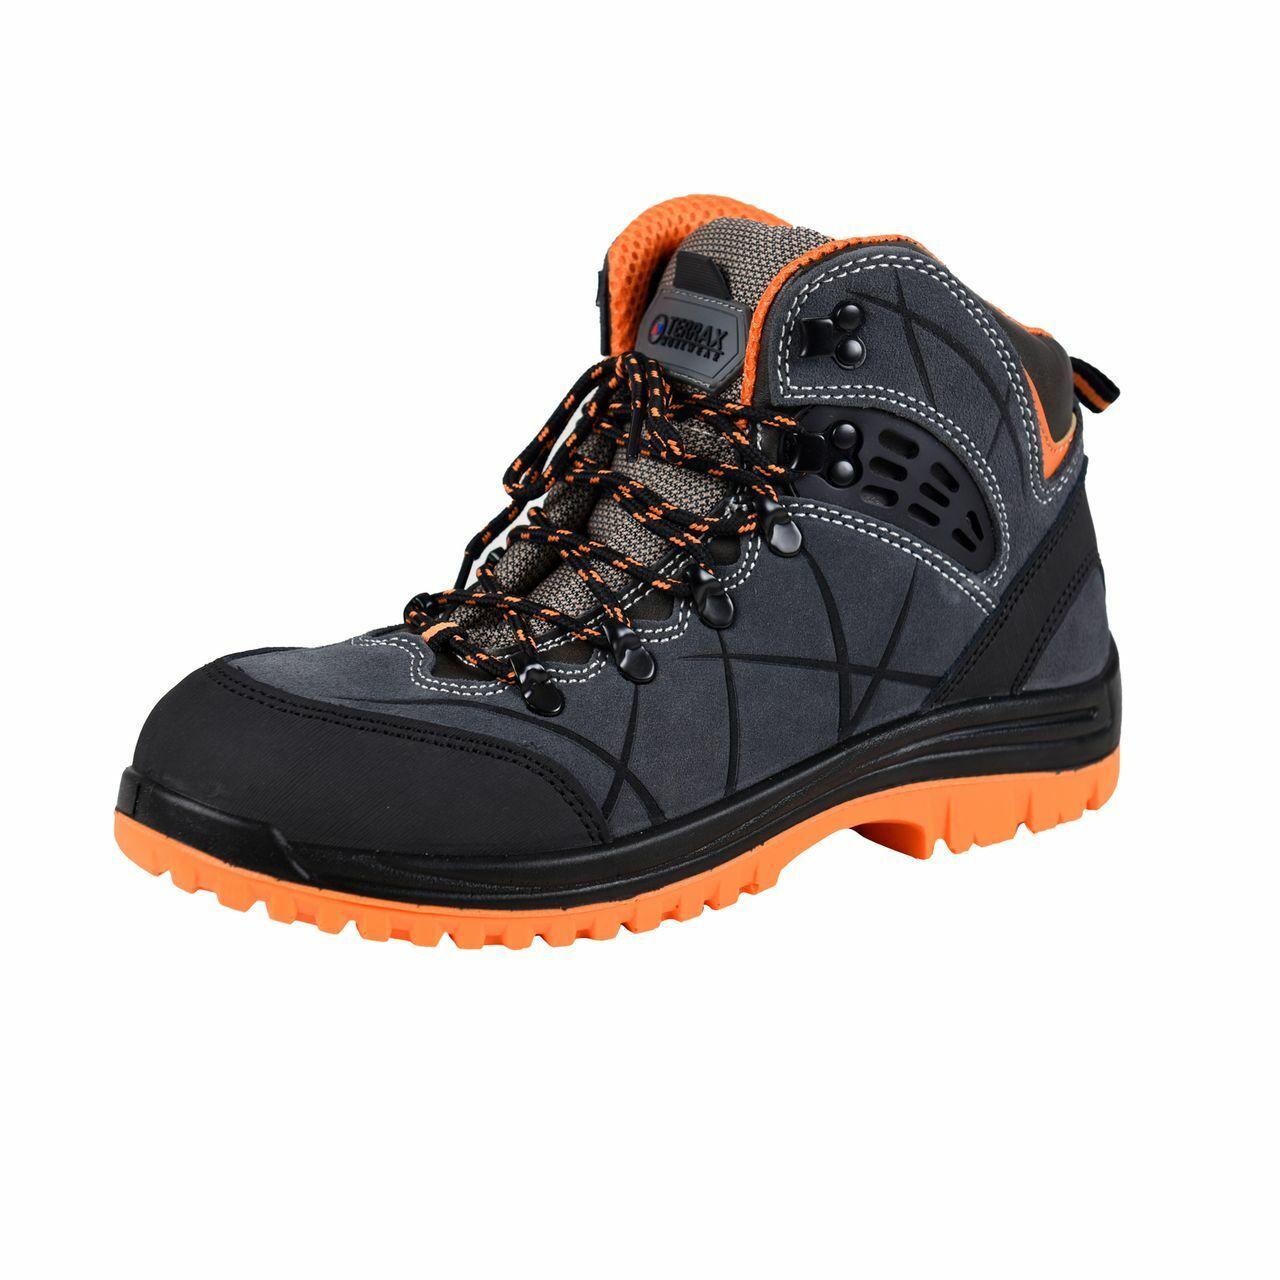 Terrax workwear sicherheitsstiefel s1p, grey orange